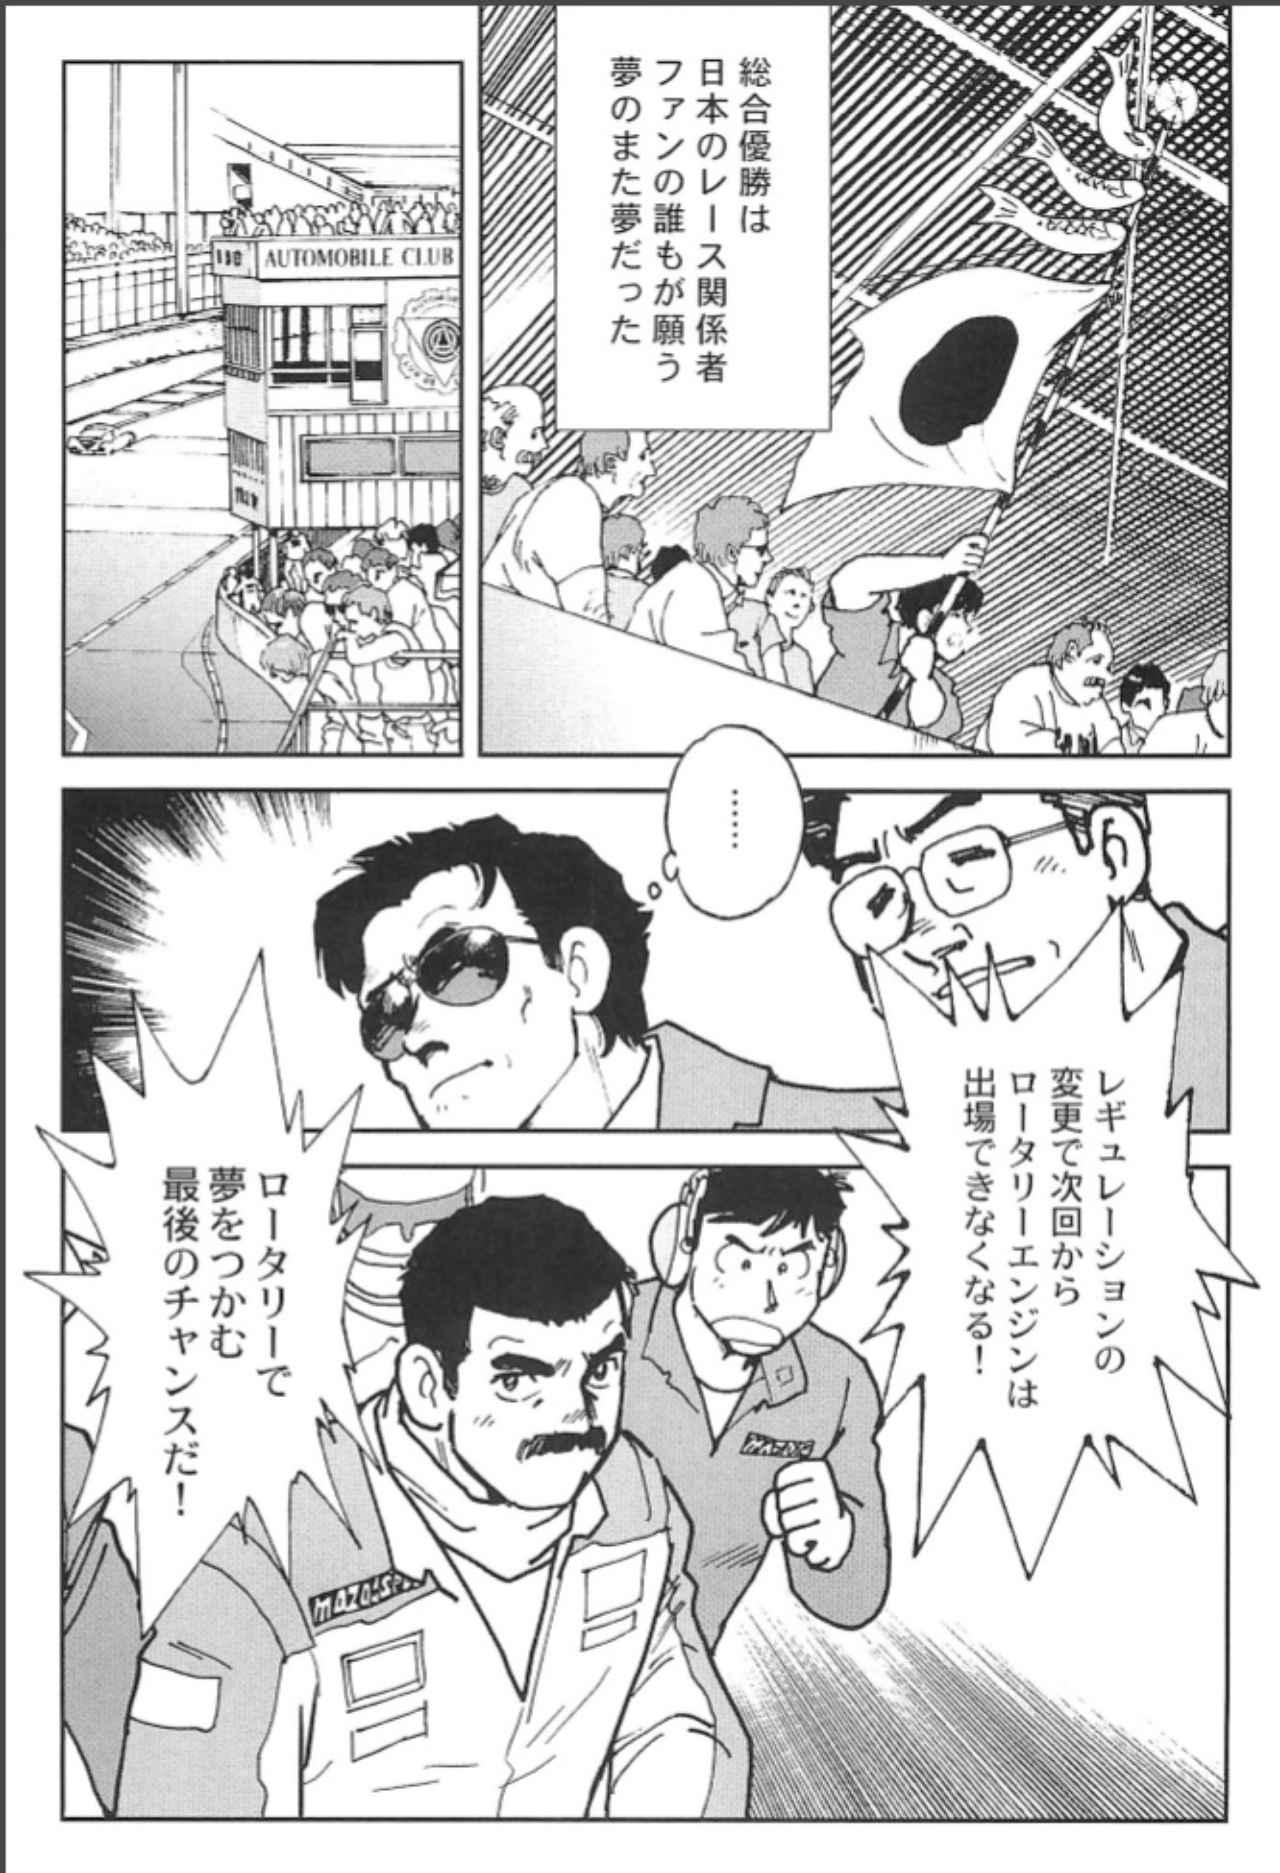 画像3: (夢を継ぐもの~ロータリー・エンジン開発物語@モーターマガジン社) blogs.yahoo.co.jp